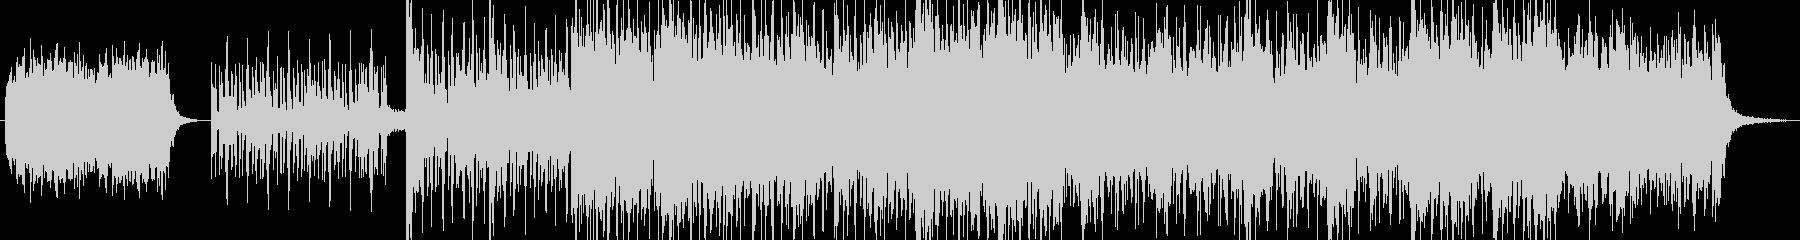 ドラムを中心としたリズム&エレクトロニカの未再生の波形